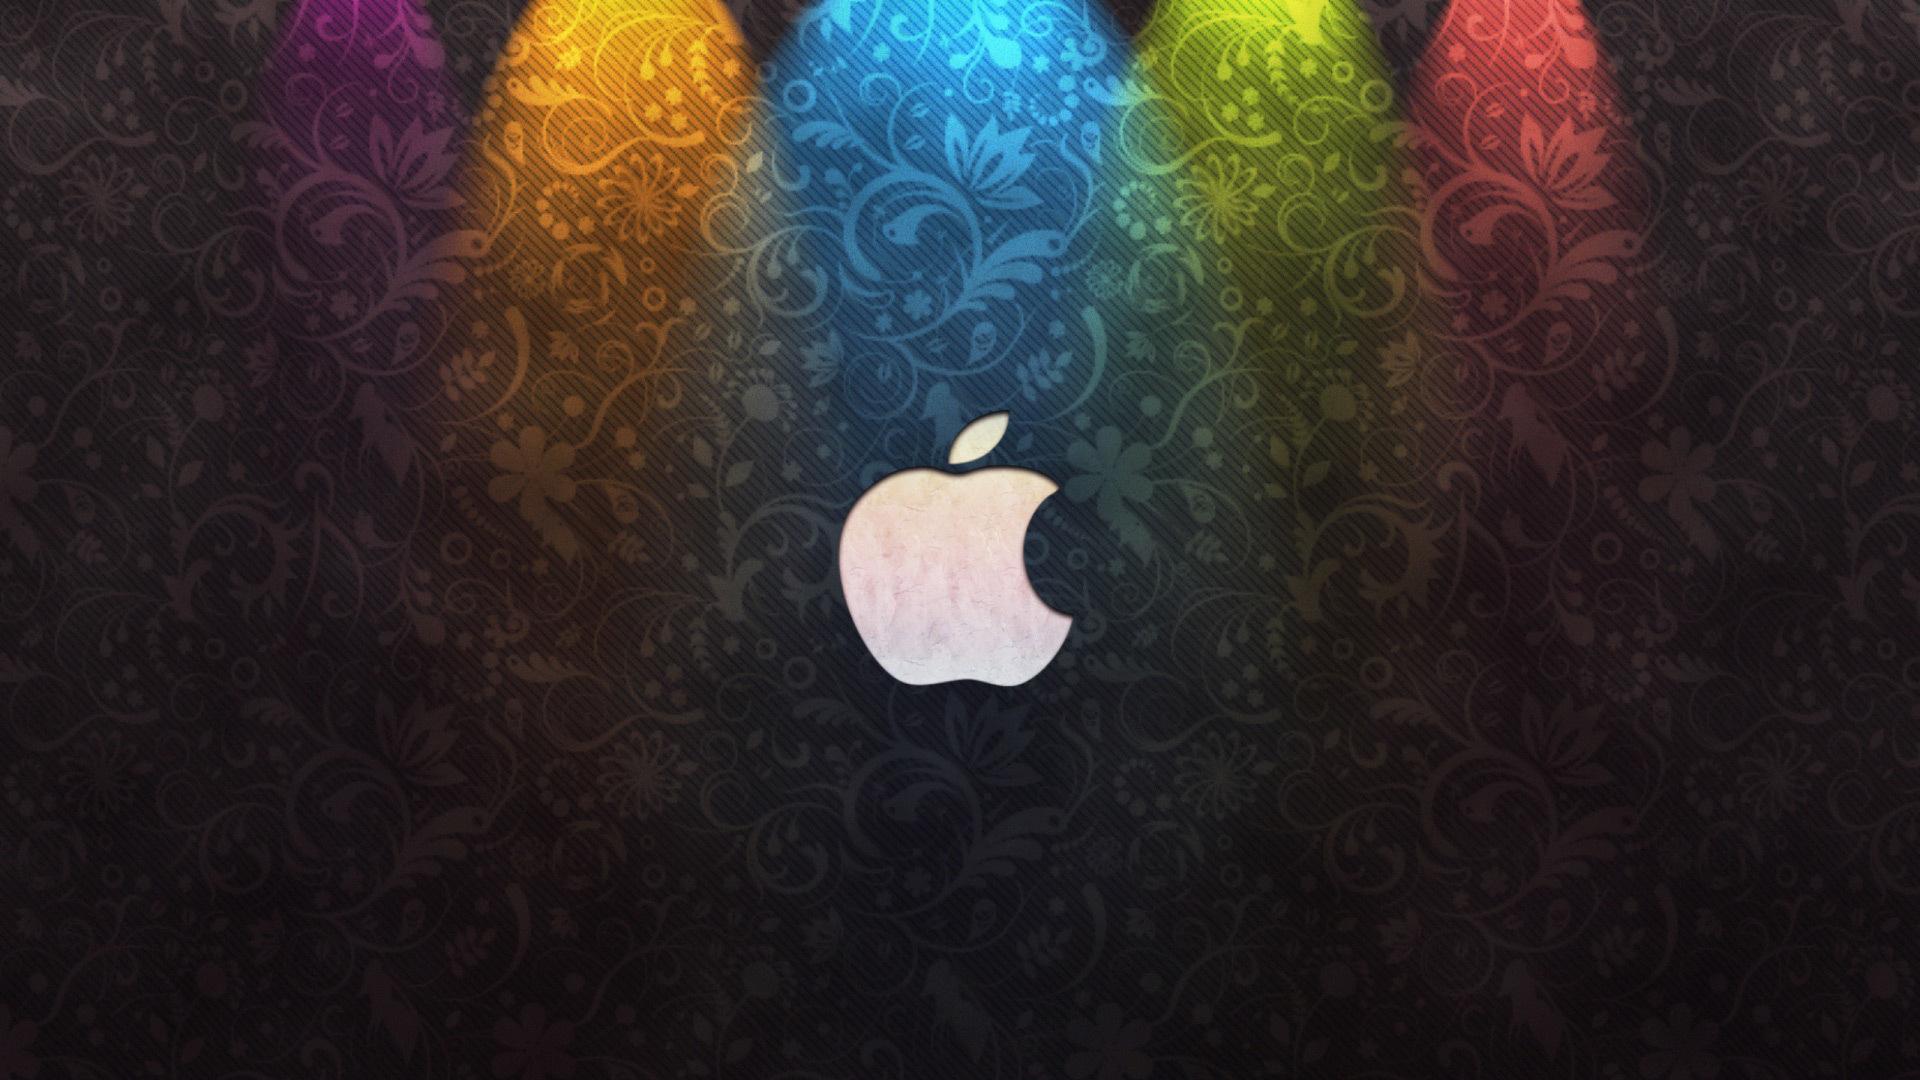 47896 скачать обои Бренды, Фон, Apple - заставки и картинки бесплатно